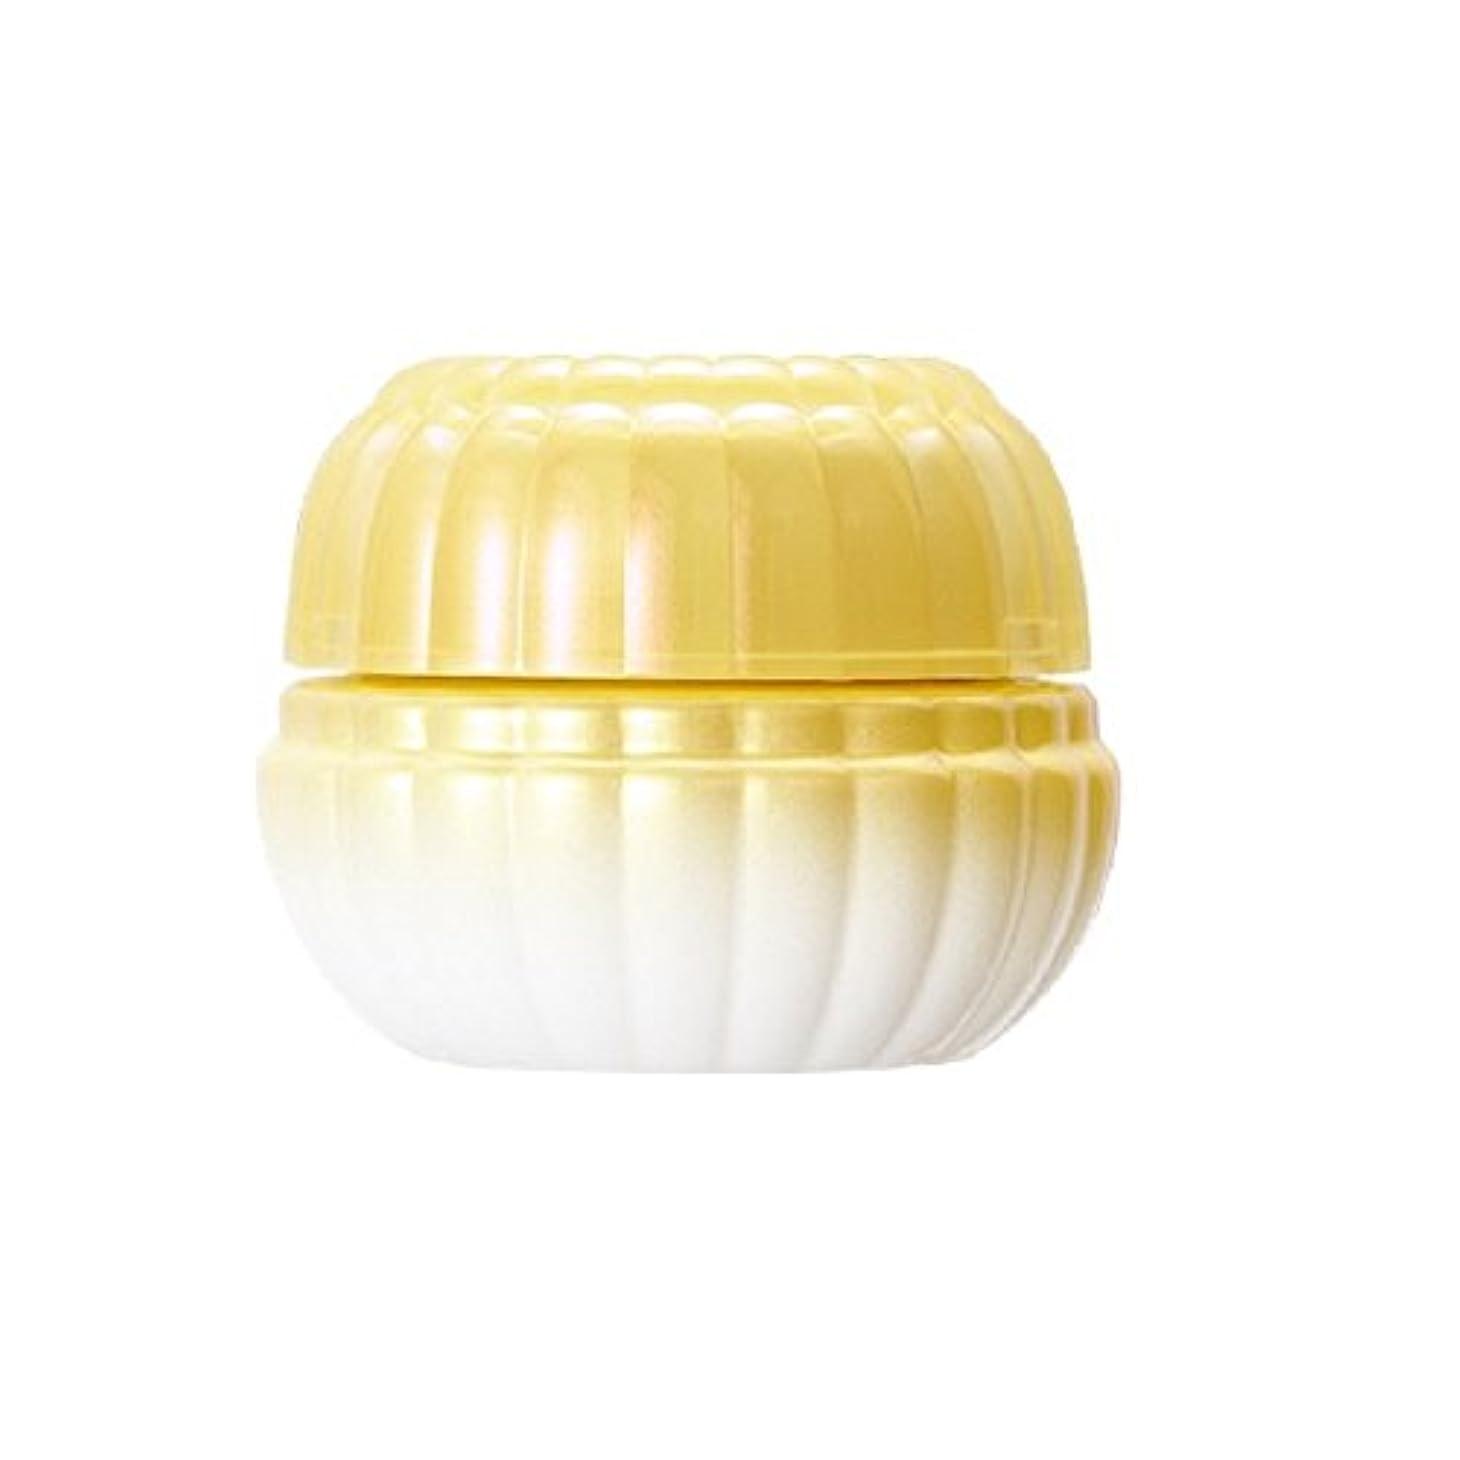 アリタイト価値アユーラ (AYURA) モイストパワライズクリーム (医薬部外品) 28g 〈美白クリーム〉